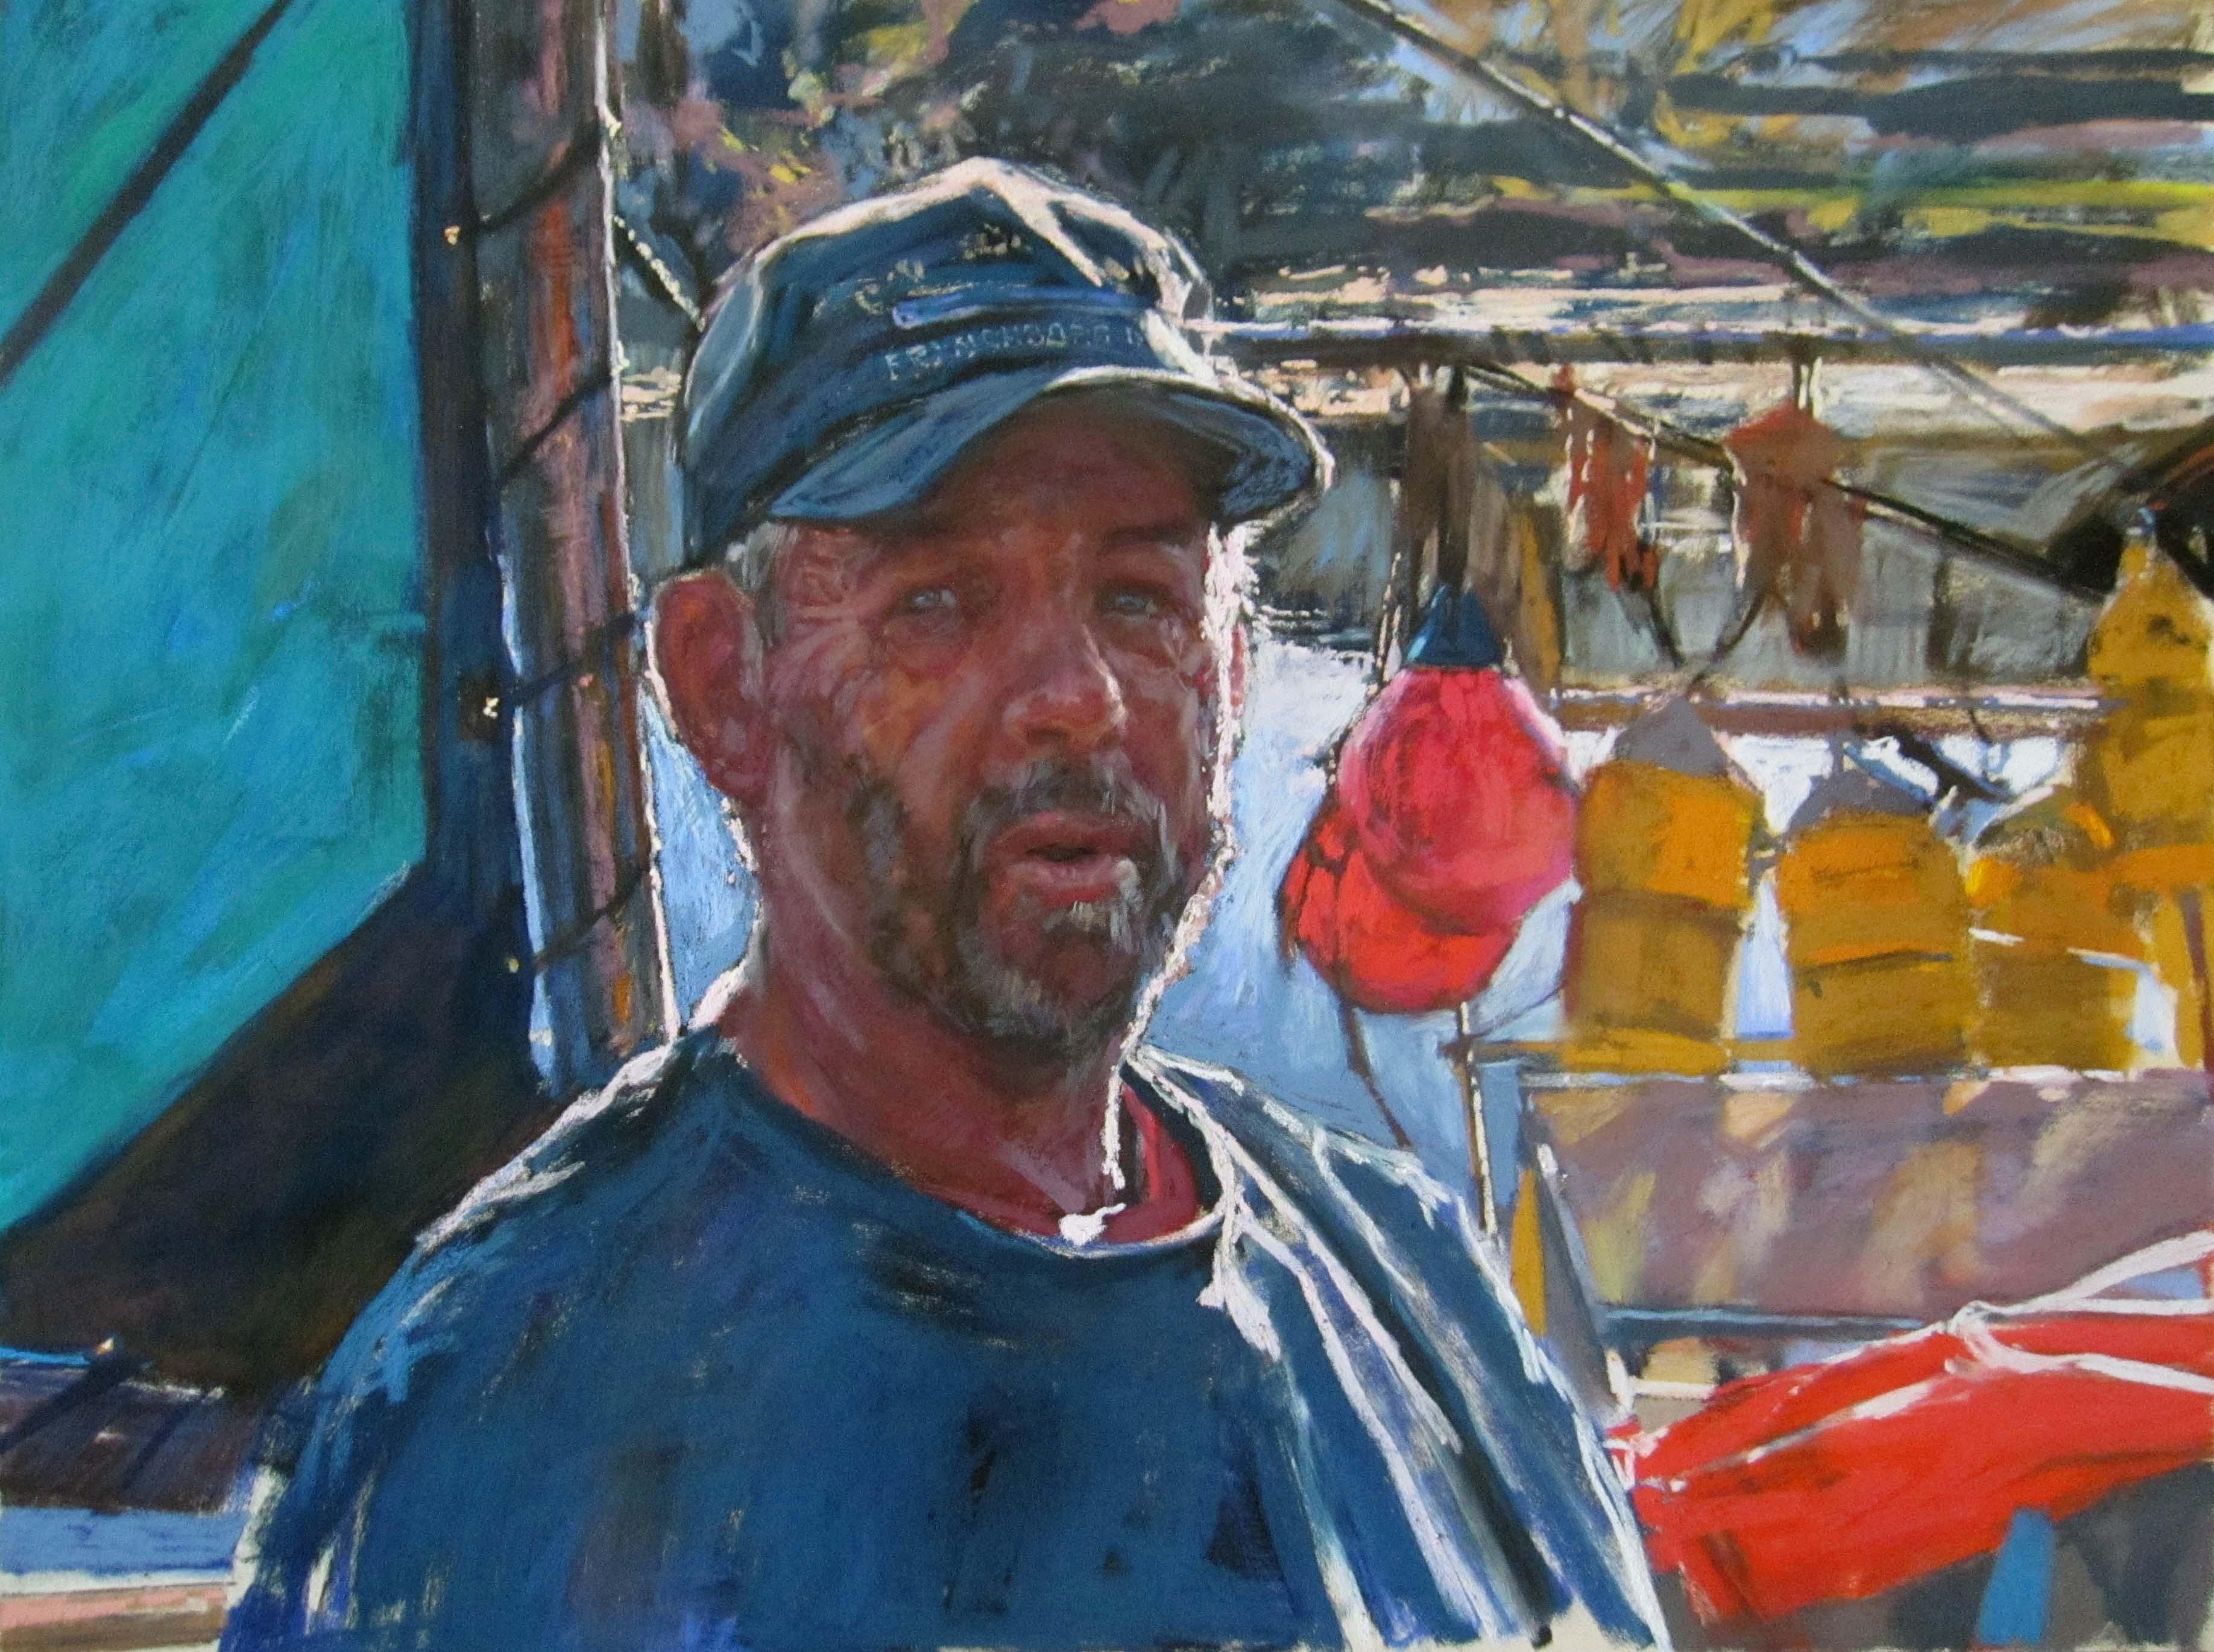 Fisherman by  Daud Akhriev - Masterpiece Online